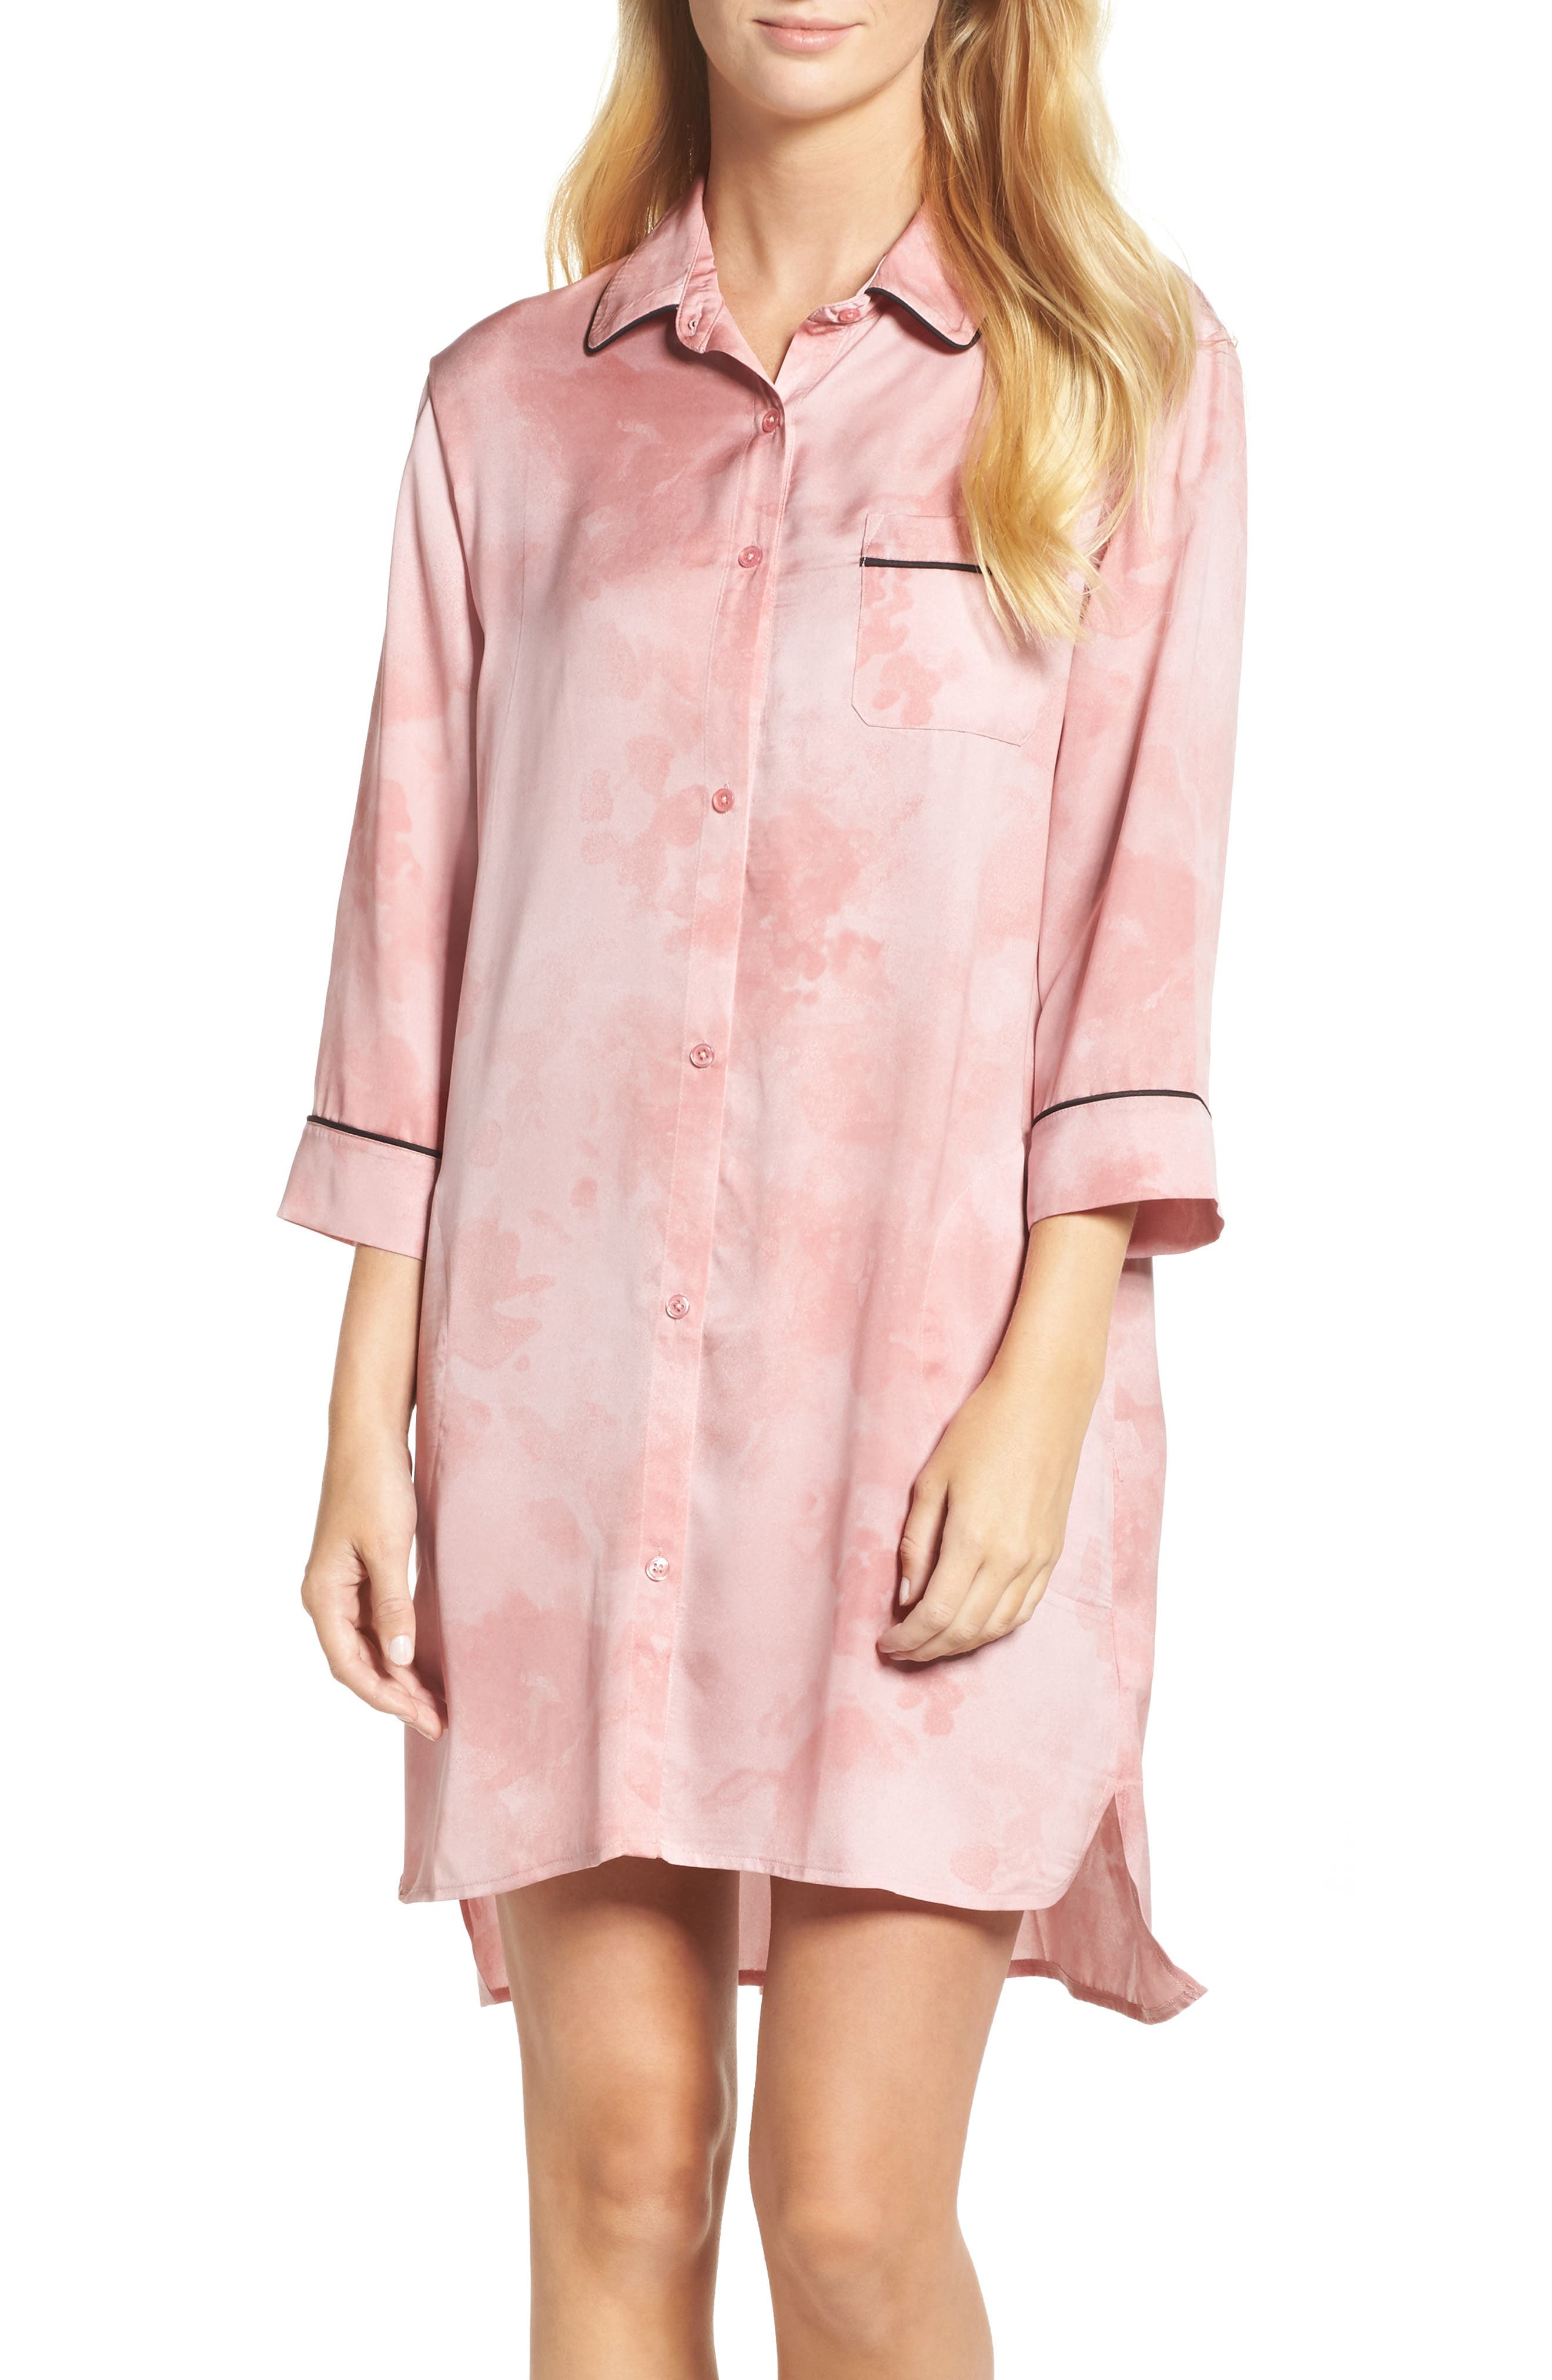 Alternate Image 1 Selected - DKNY Washed Satin Sleep Shirt